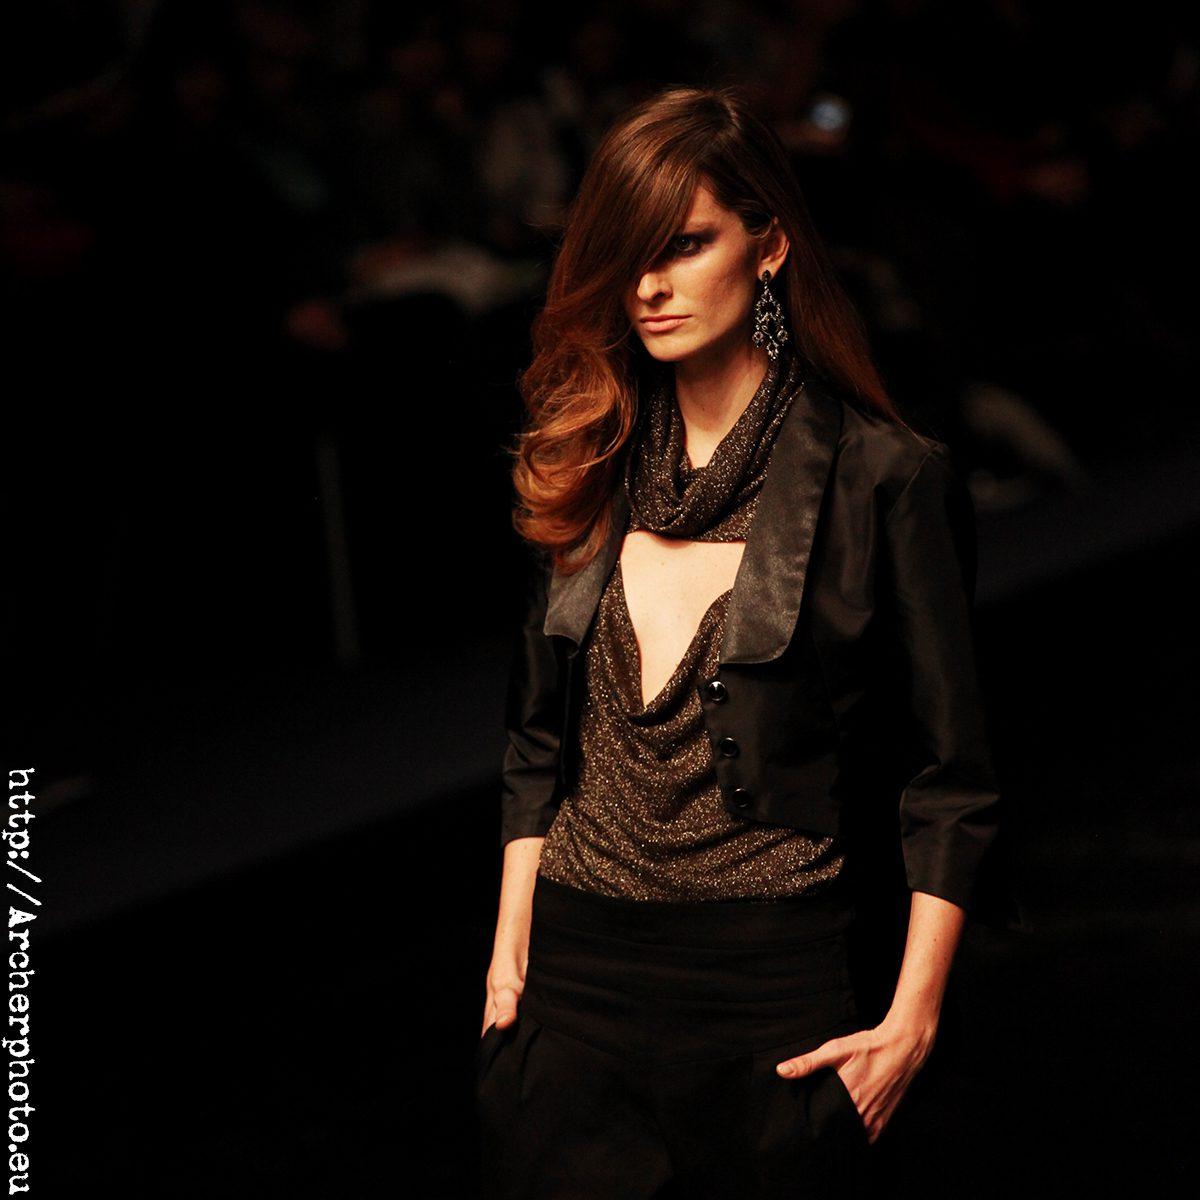 ¿Quieres ser modelo? Fotografía de modelo en la Valencia Fashion Week